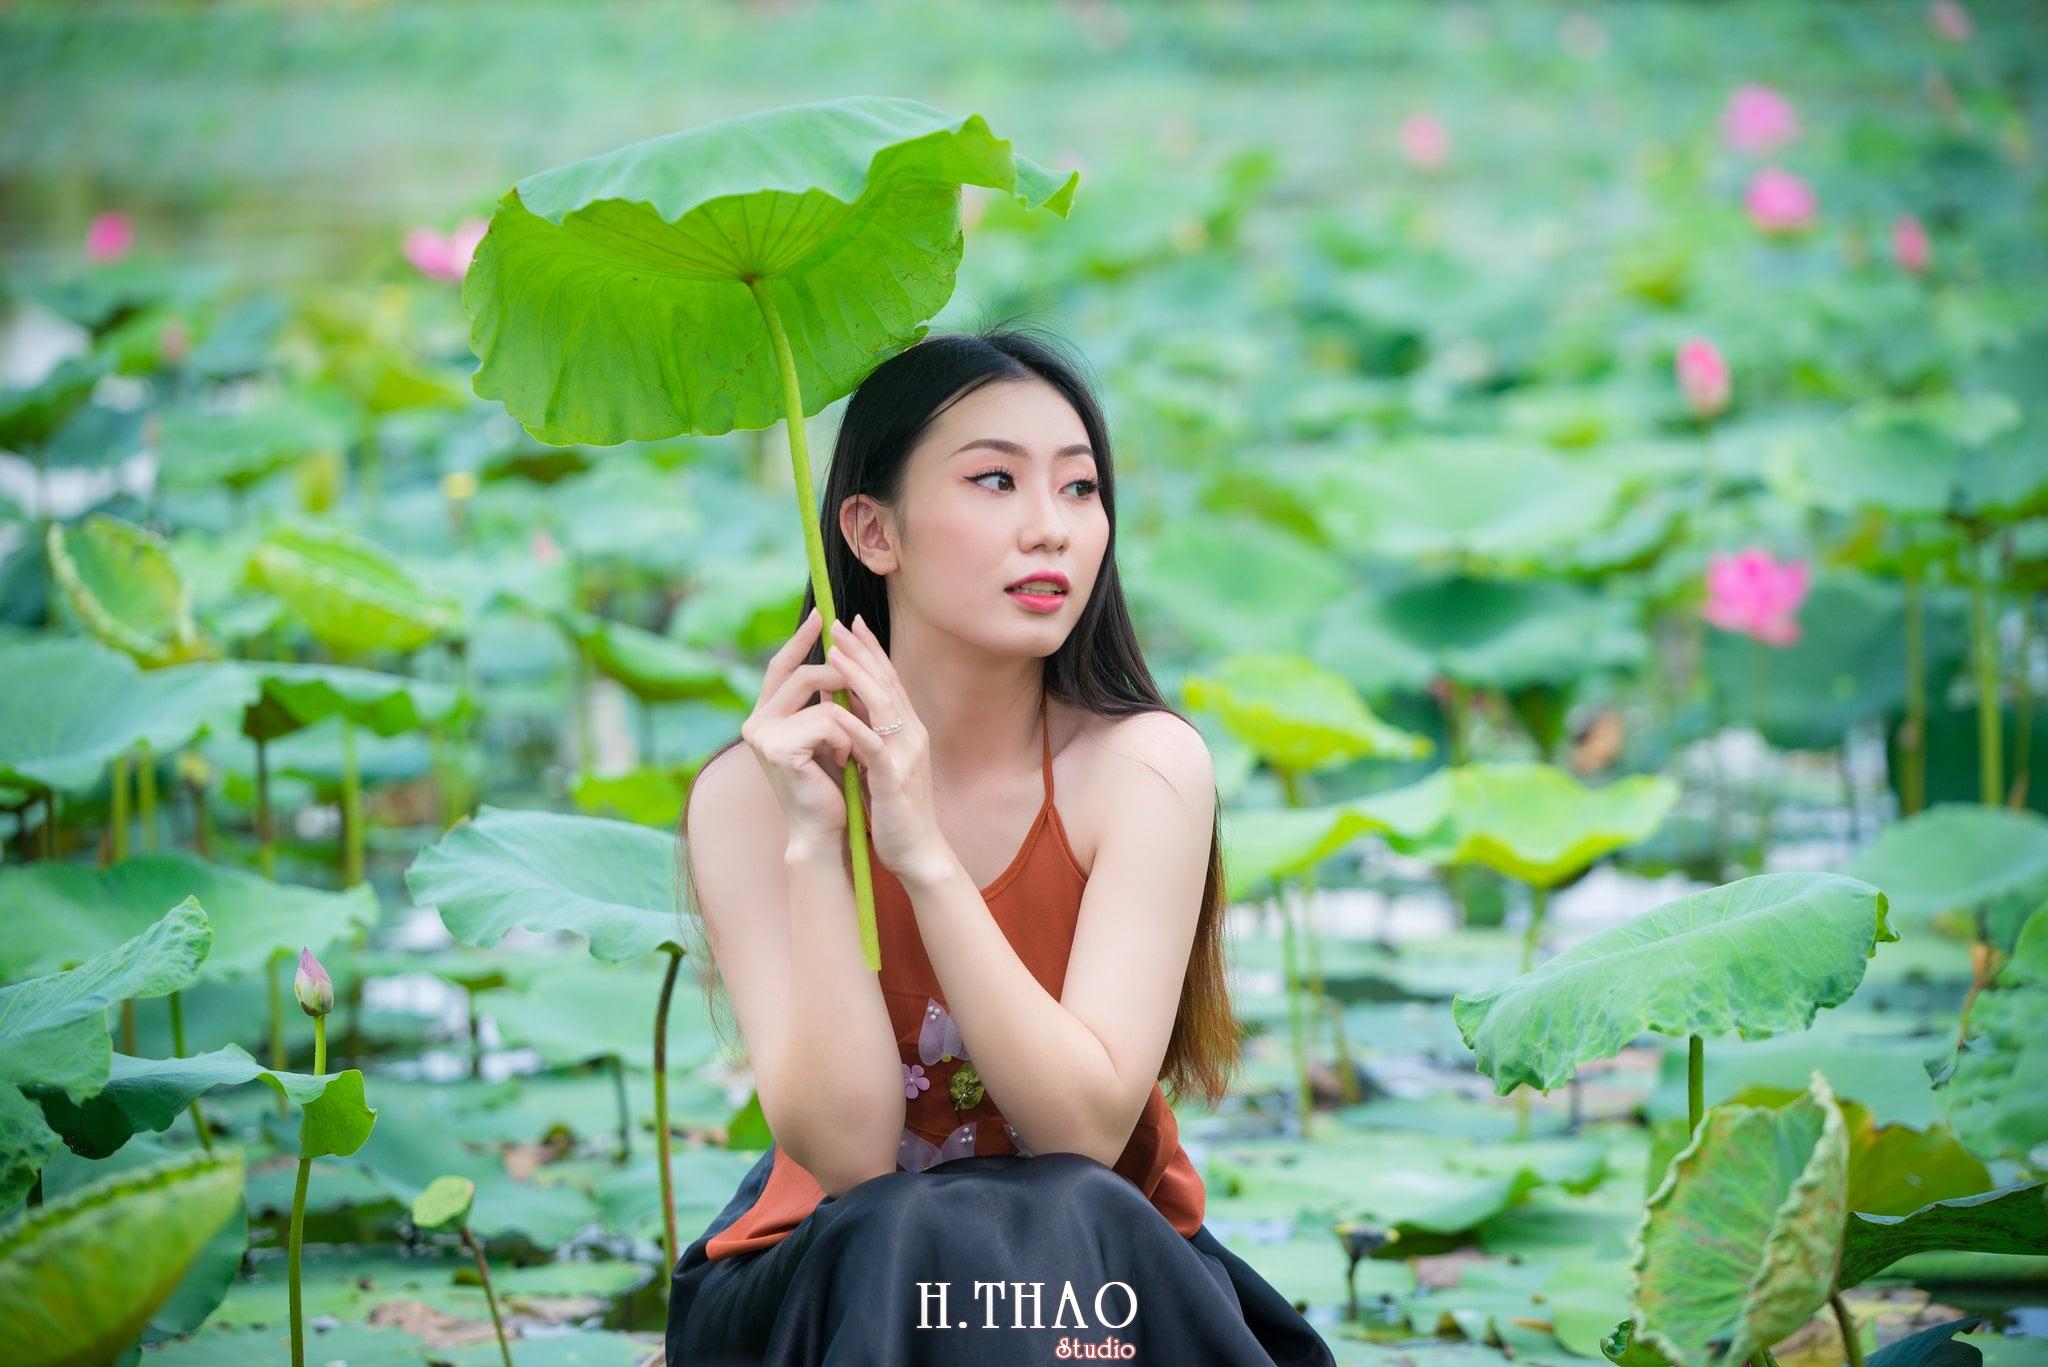 ao yem hoa sen 6 - Album ảnh chụp áo yếm với hoa sen đẹp dịu dàng - HThao Studio